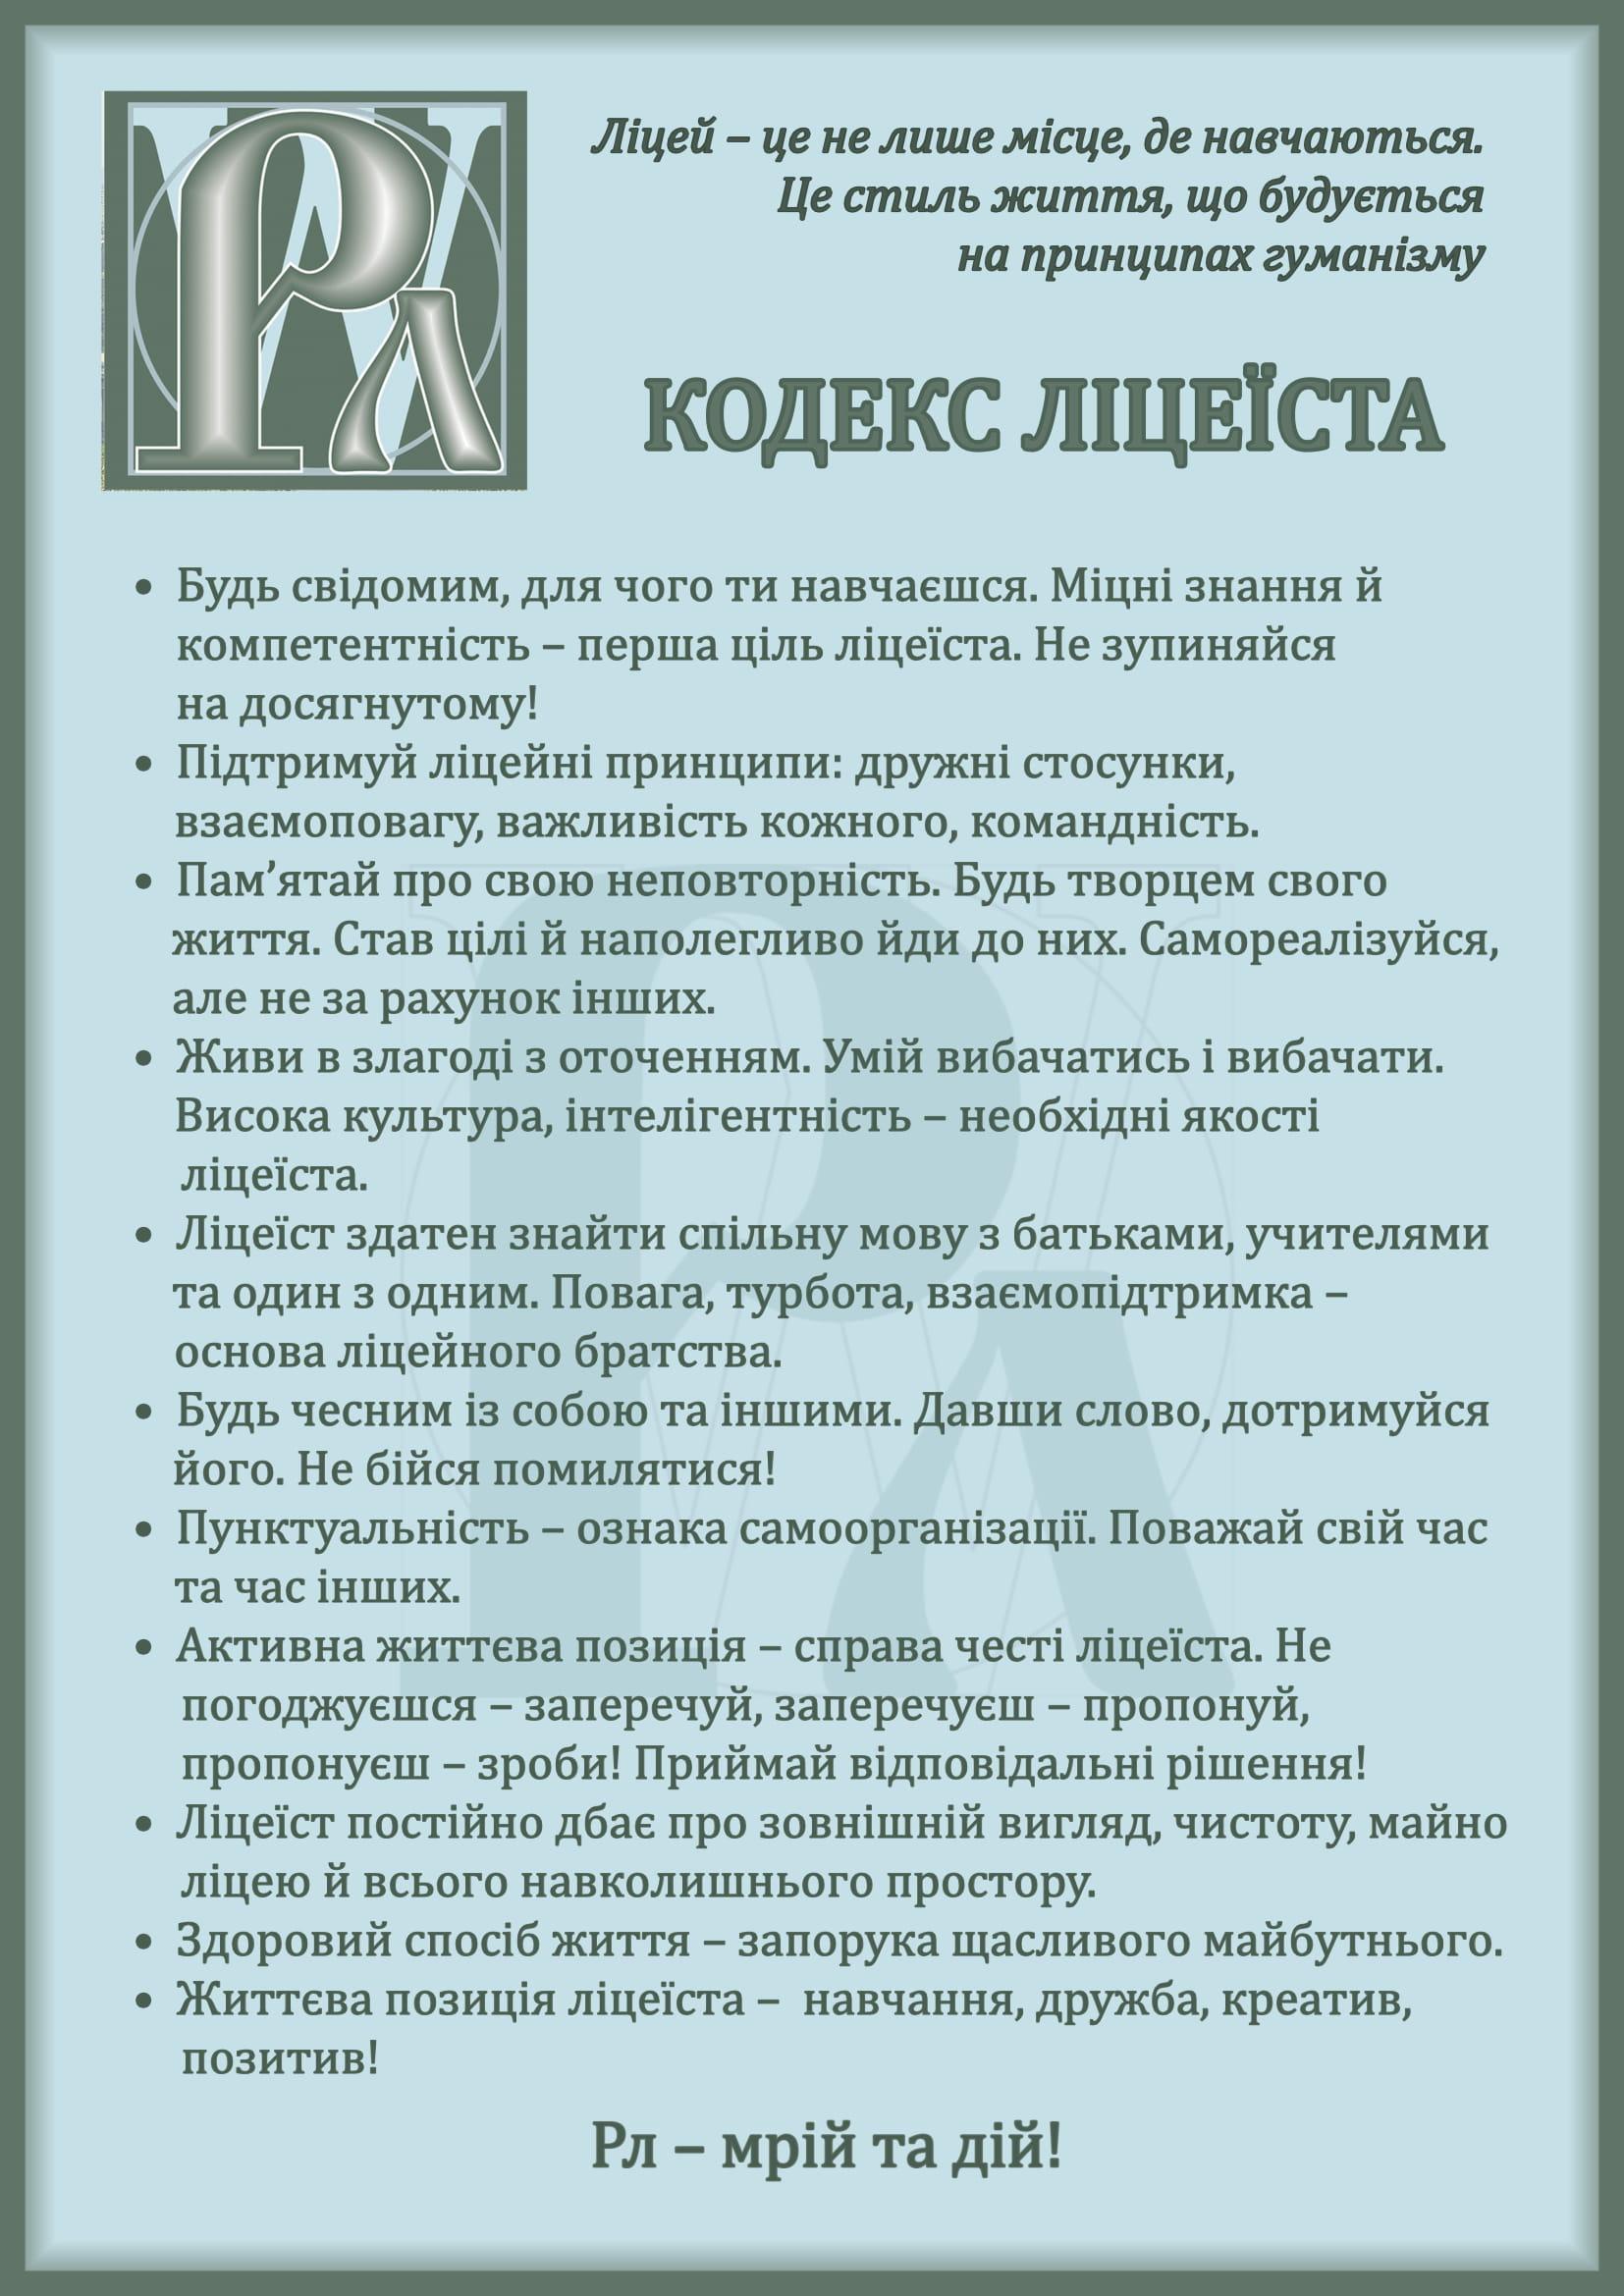 Кодекс ліцеїста